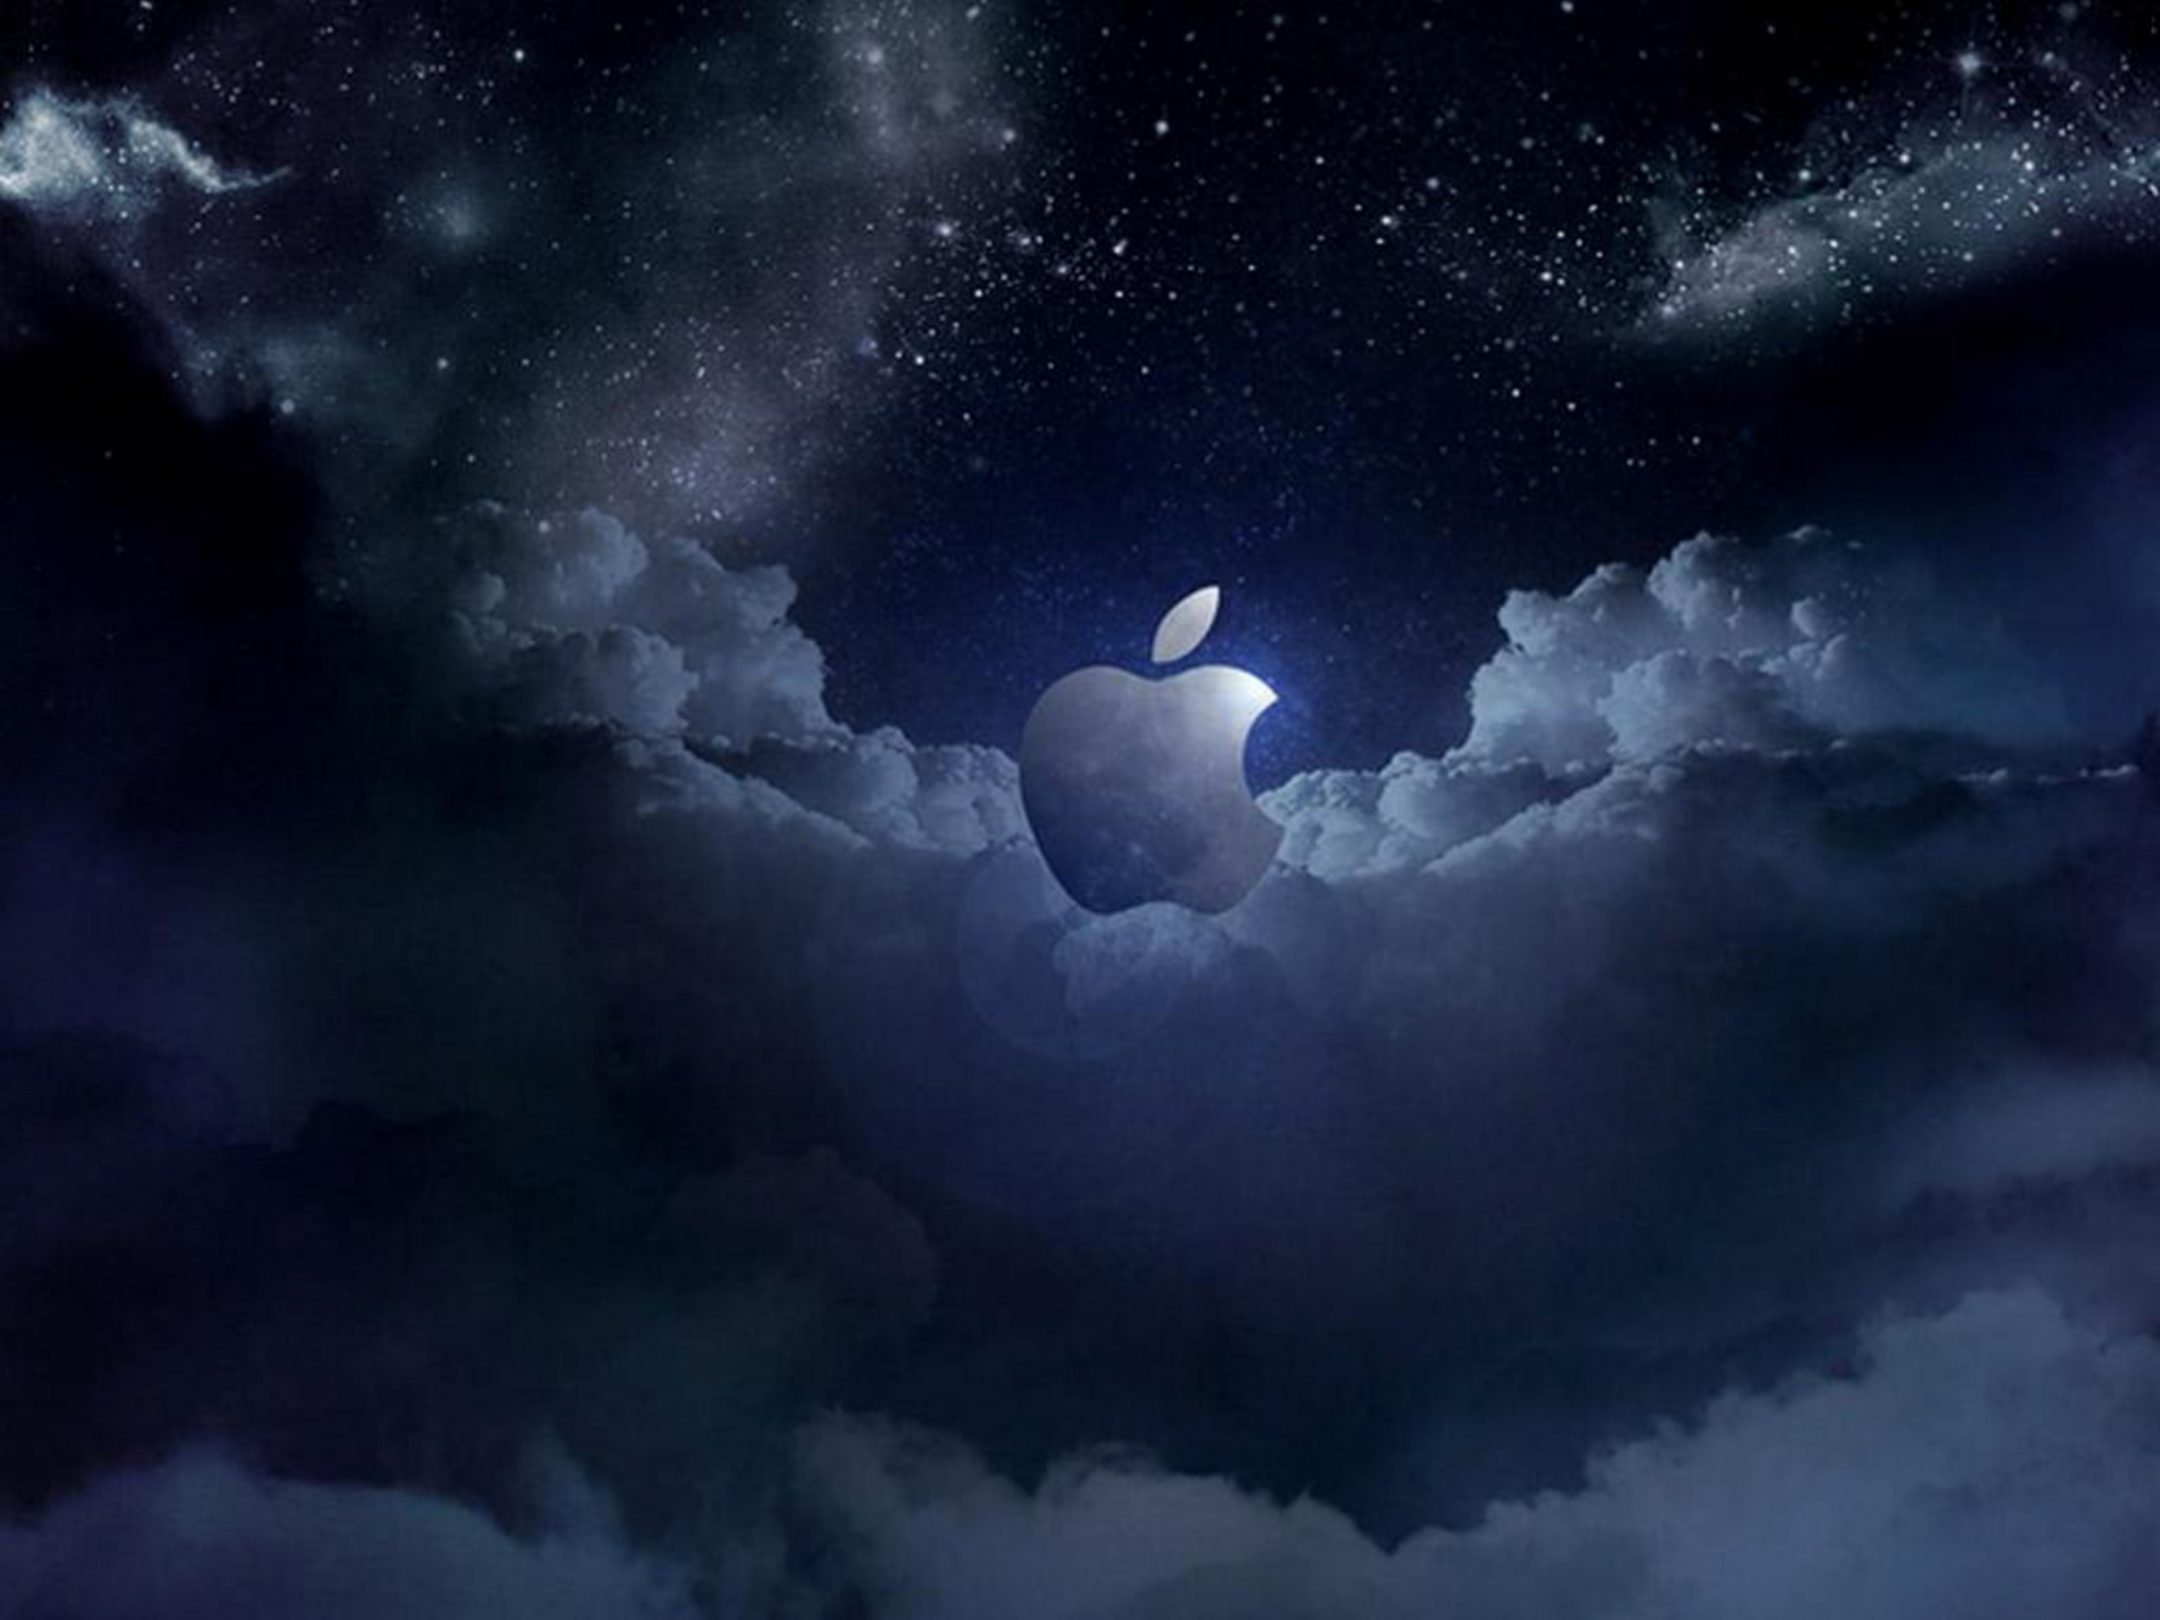 2160x1620 iPad wallpaper 4k Apple Cloud at Night Ipad Wallpaper 2160x1620 pixels resolution